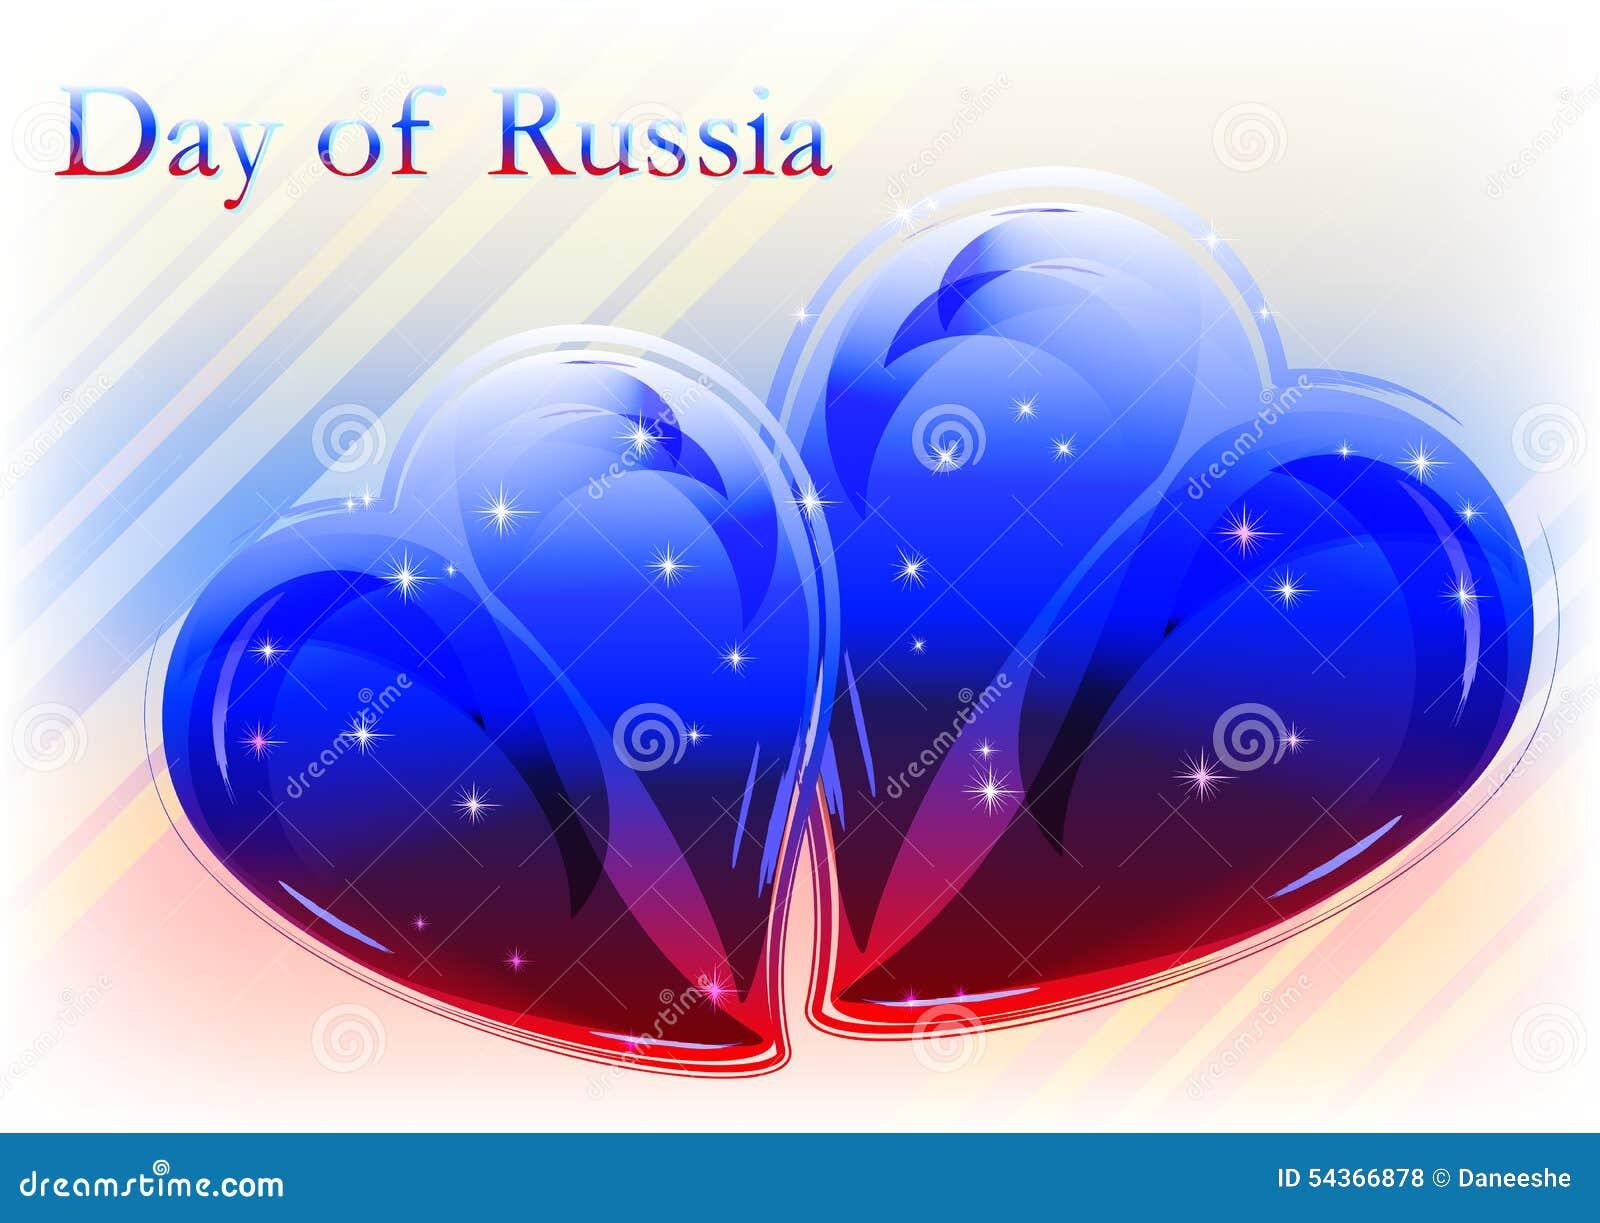 Zwei Herzen aus RusslandWeihnachtsgeschenk für Kerl, den Sie gerade begonnen haben zu datieren